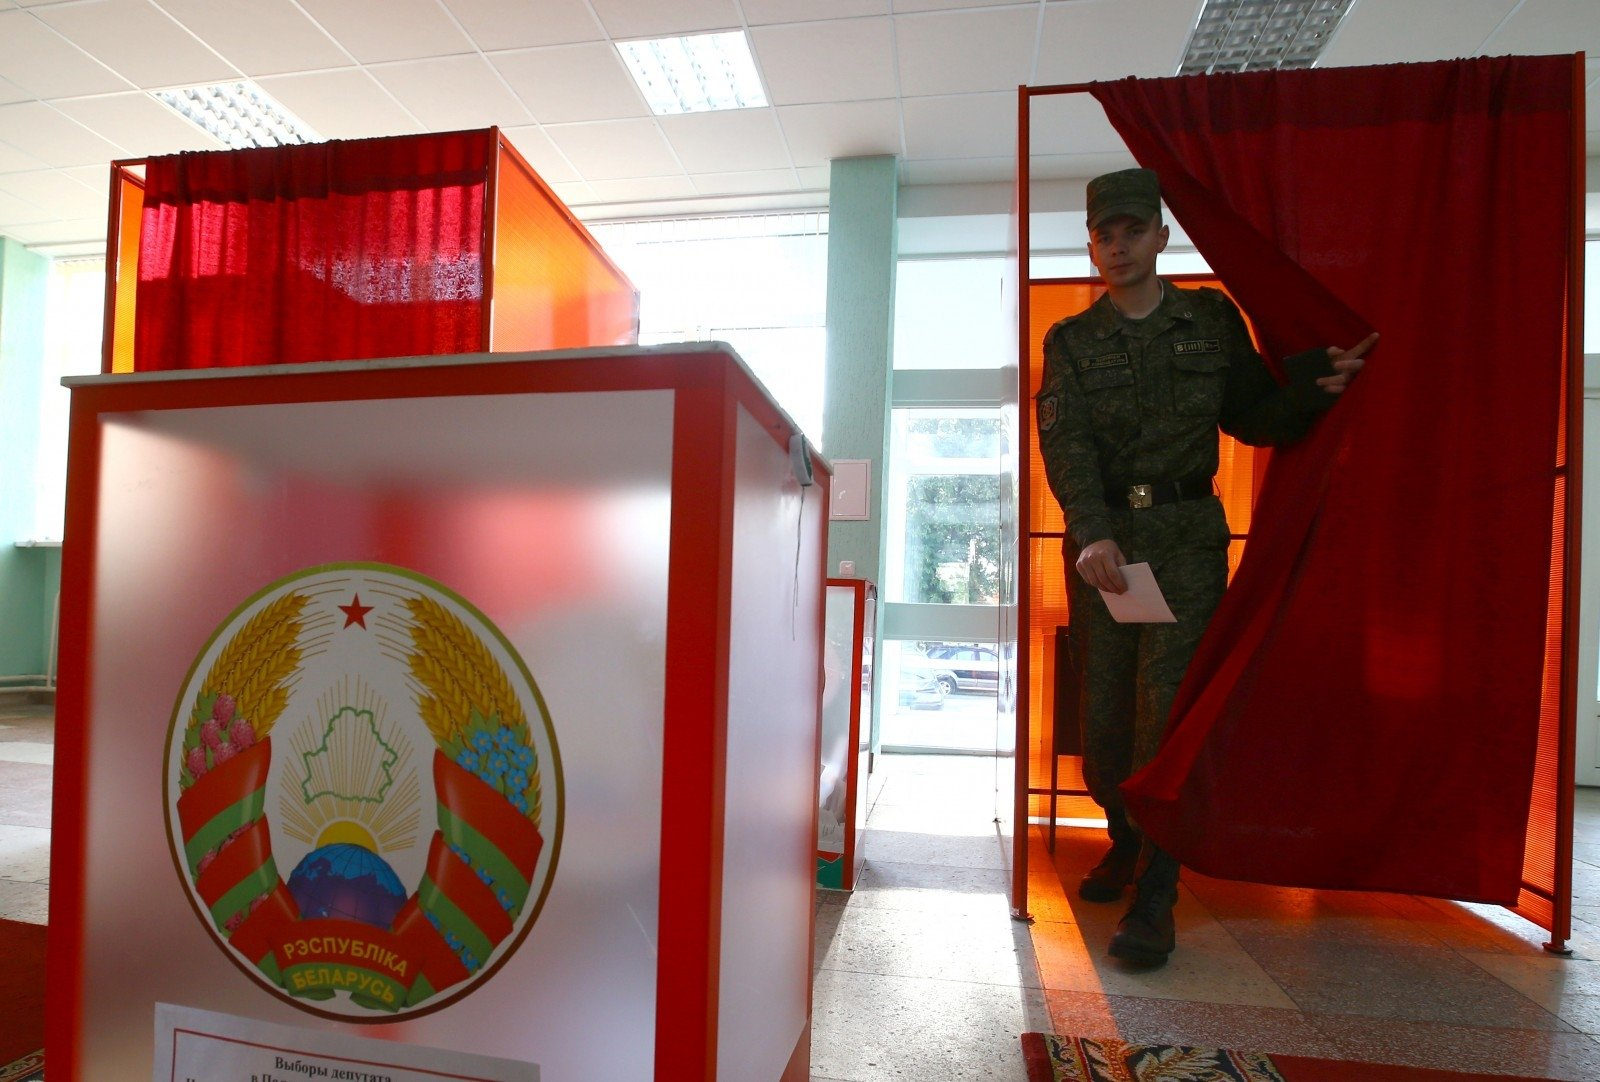 Преждевременно напарламентских выборах в республики Белоруссии проголосовали неменее 31% избирателей